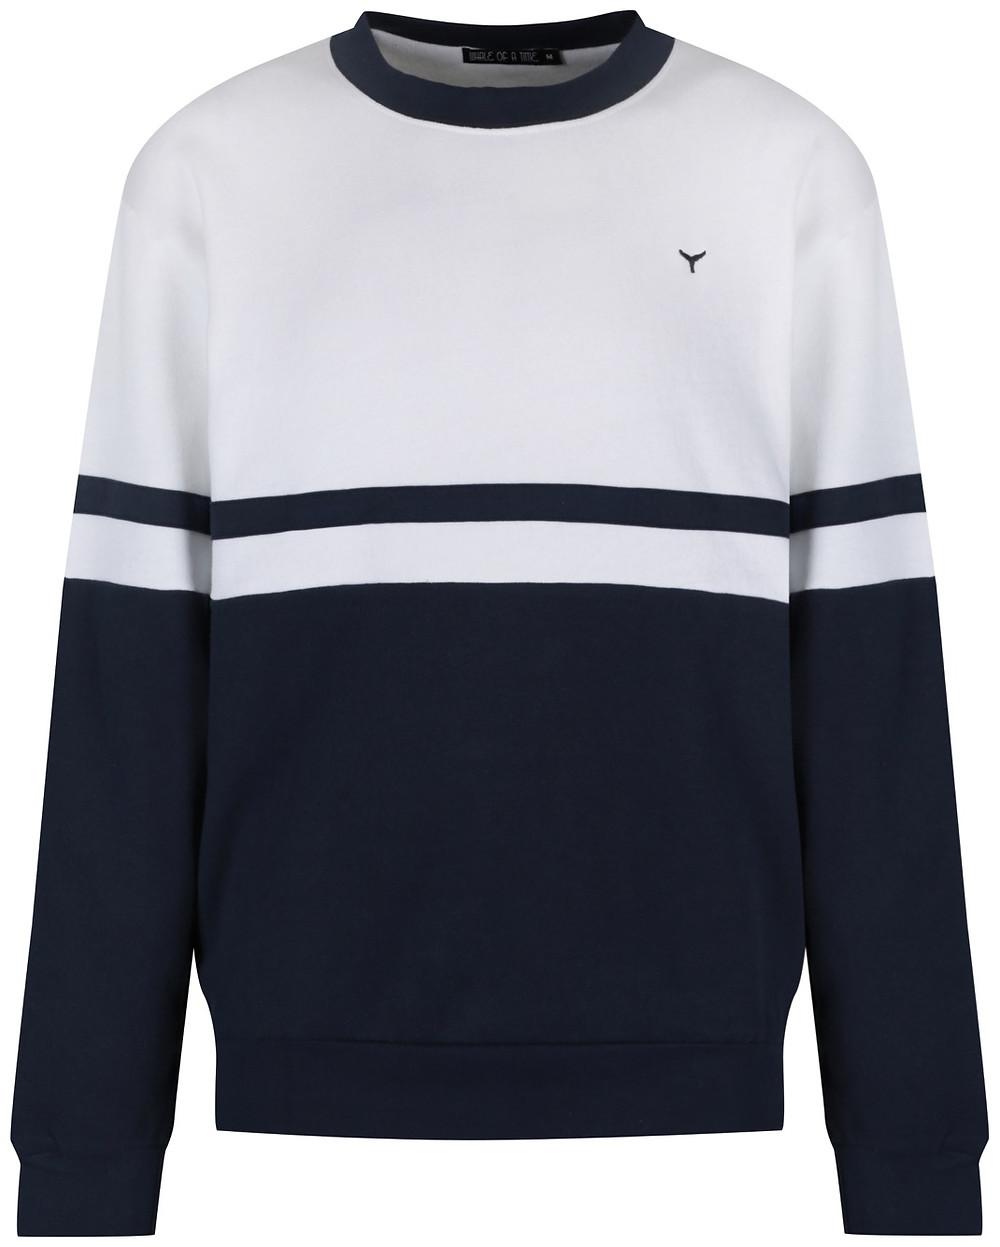 Omura navy & white sweatshirt